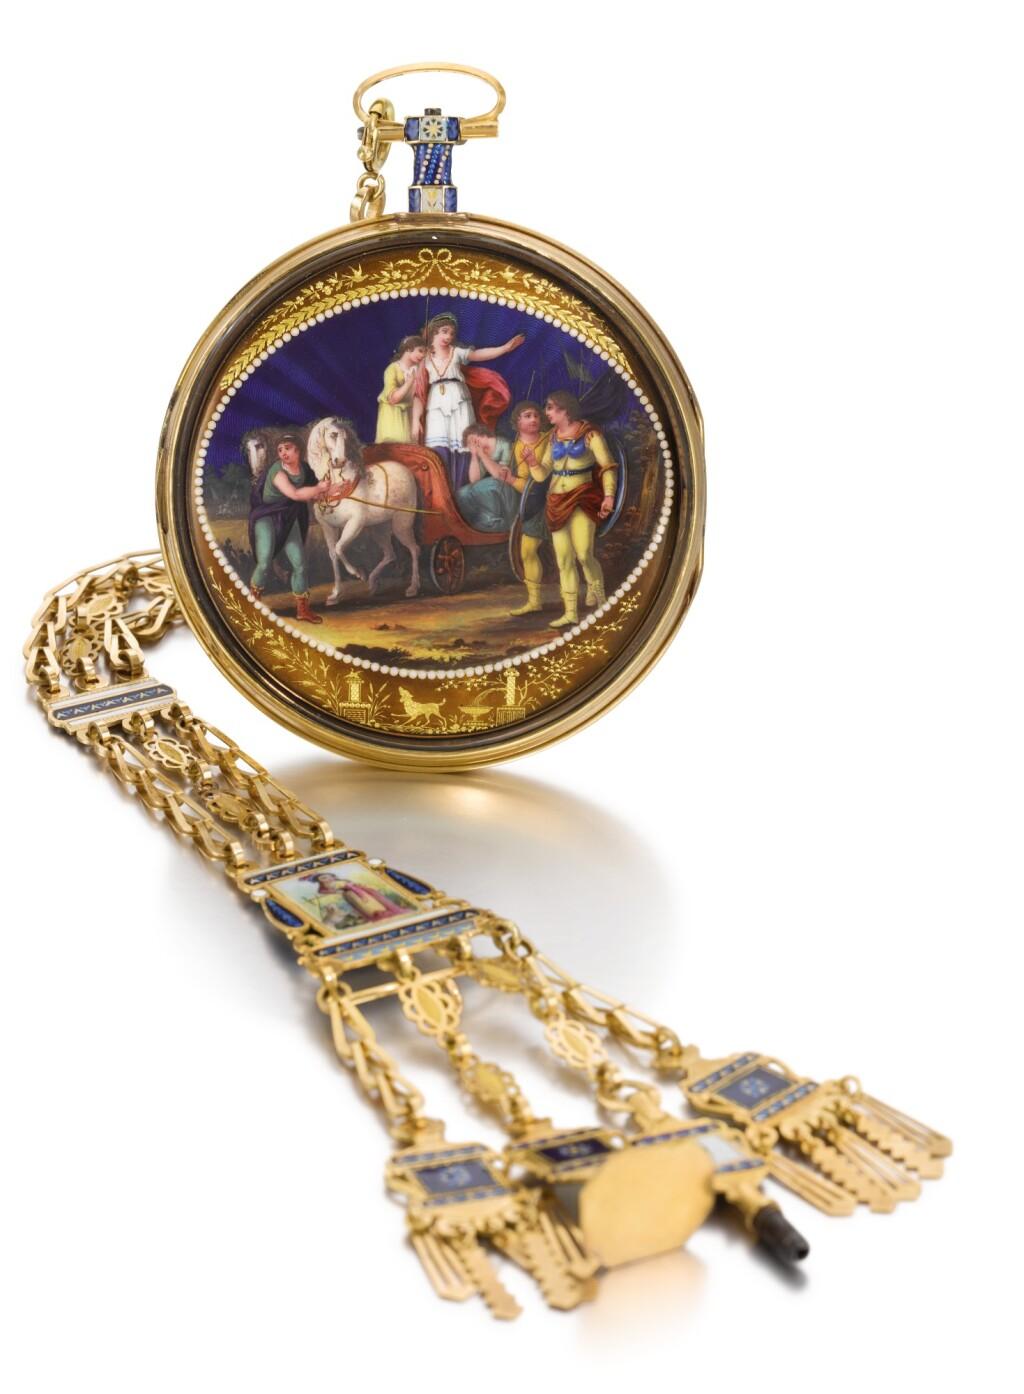 BLONNAY | A GOLD AND ENAMEL VERGE WATCH WITH PRESENTATION PLAQUE TO THE MOVEMENT ENGRAVED 'À LA BARONNE D'ARBERG FIDÈLE LECTRICE DE S M L'IMPÉRATRICE JOSEPHINE, NOTRE MÈRE REGRETTÉE QUI RENDIT SON AME A DIEU LE 29 MAI, JOUR DE PENTECÔTE 1814 LA MALMAISON